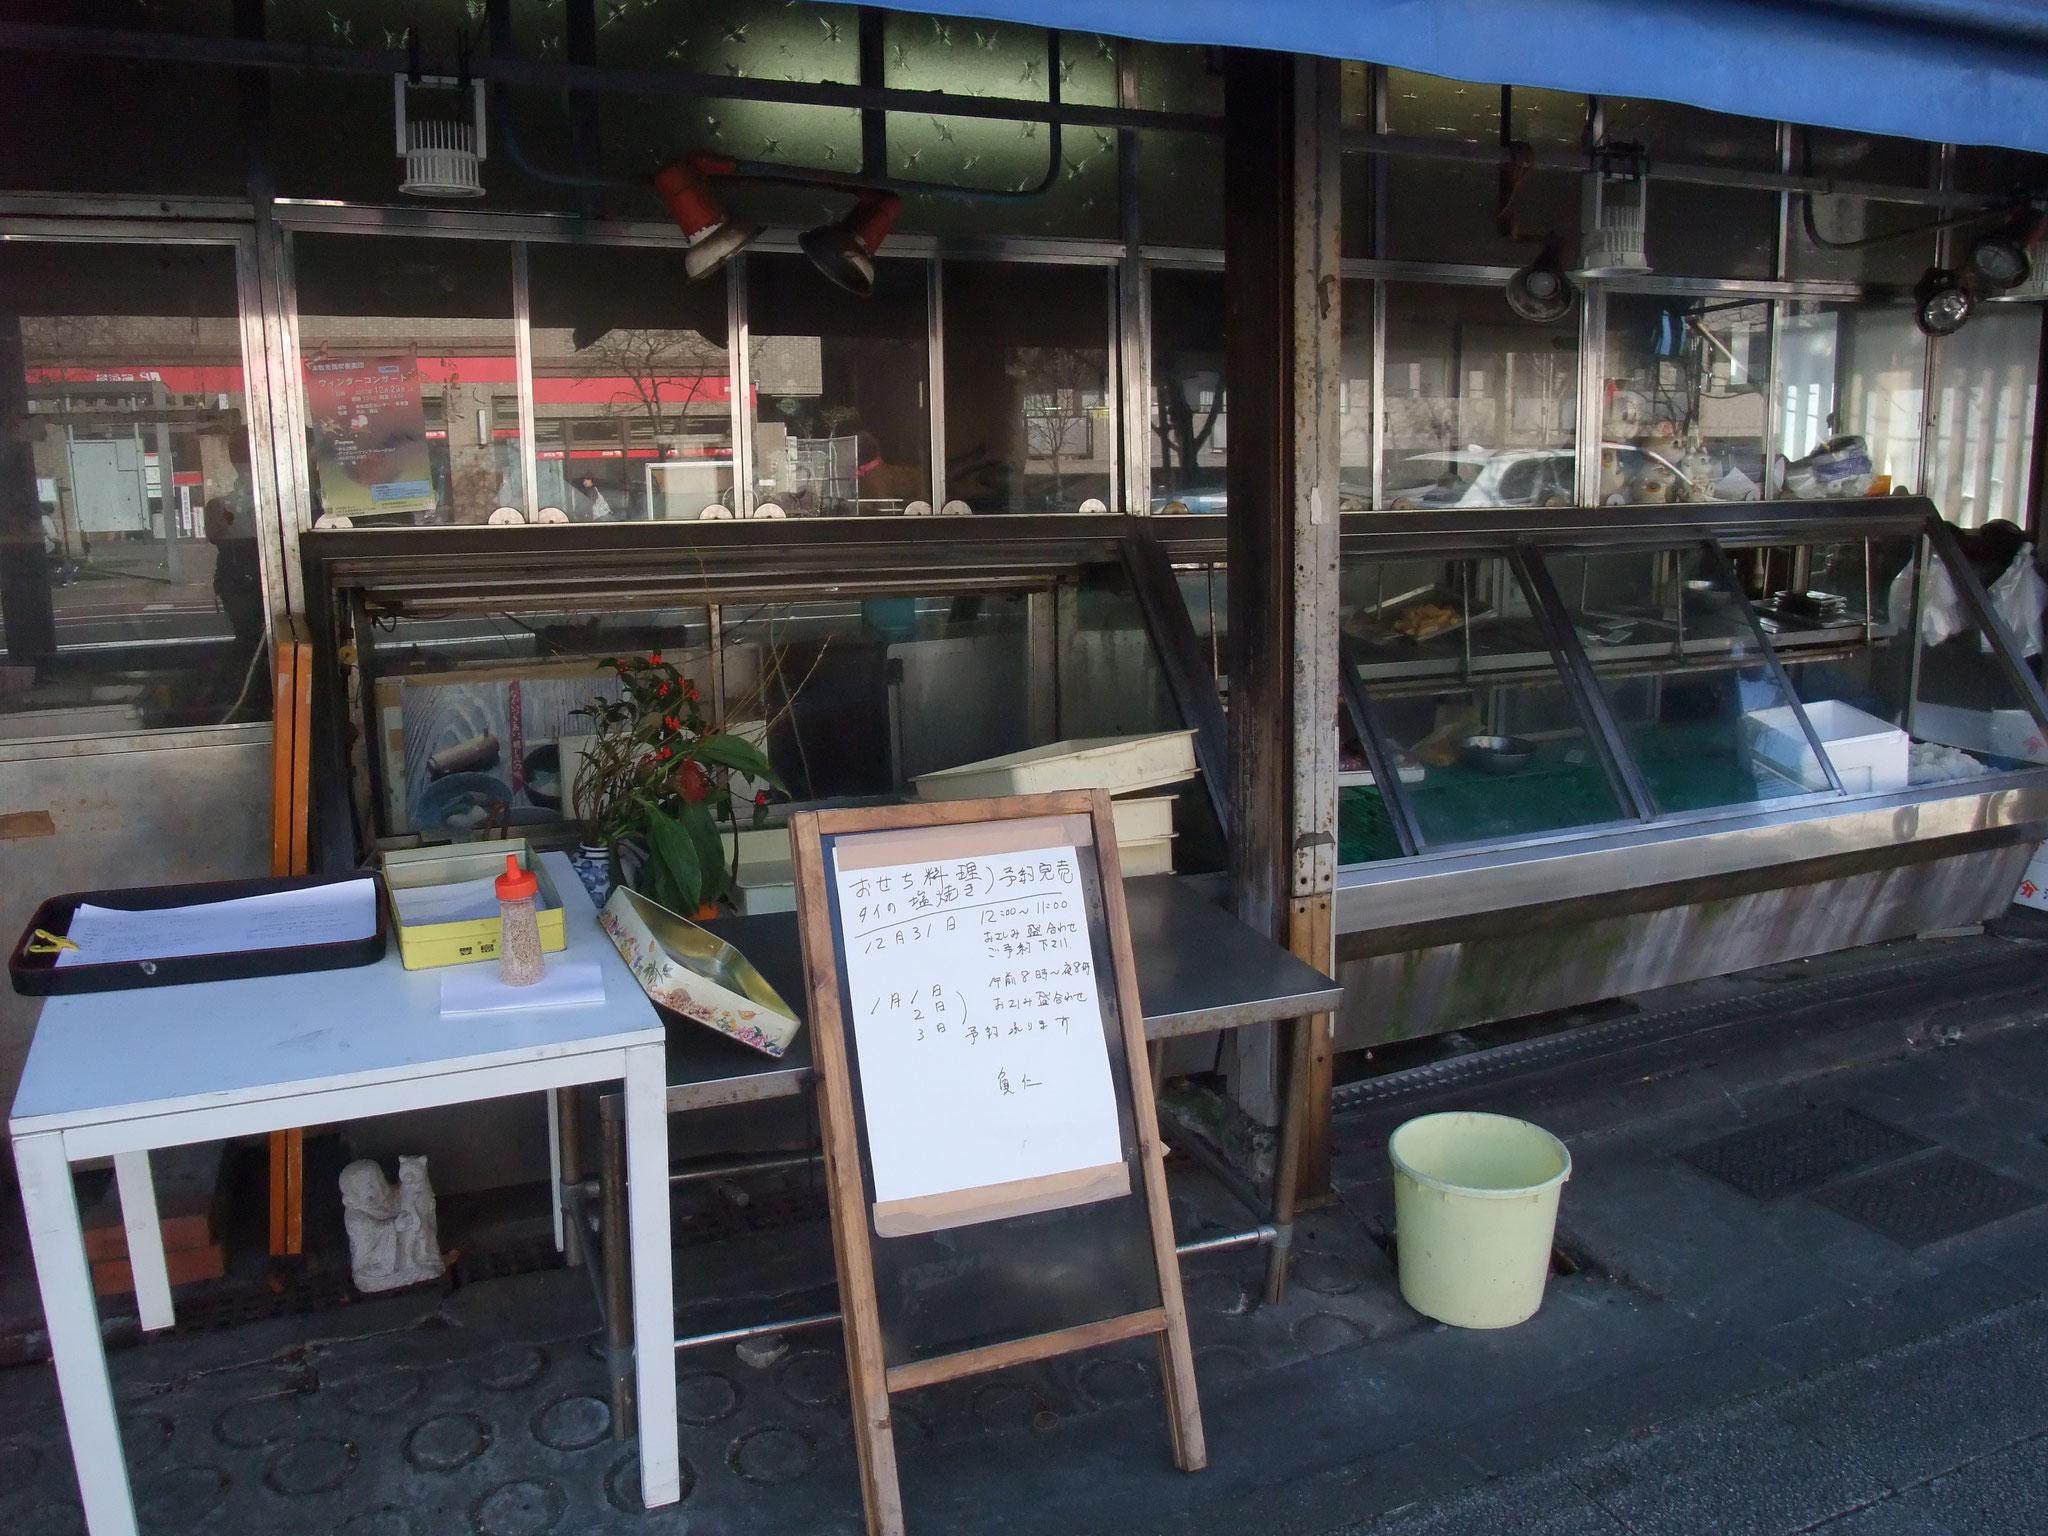 今日のランチ会場「魚仁」の店舗、2階の座敷で納会、楽しかった!